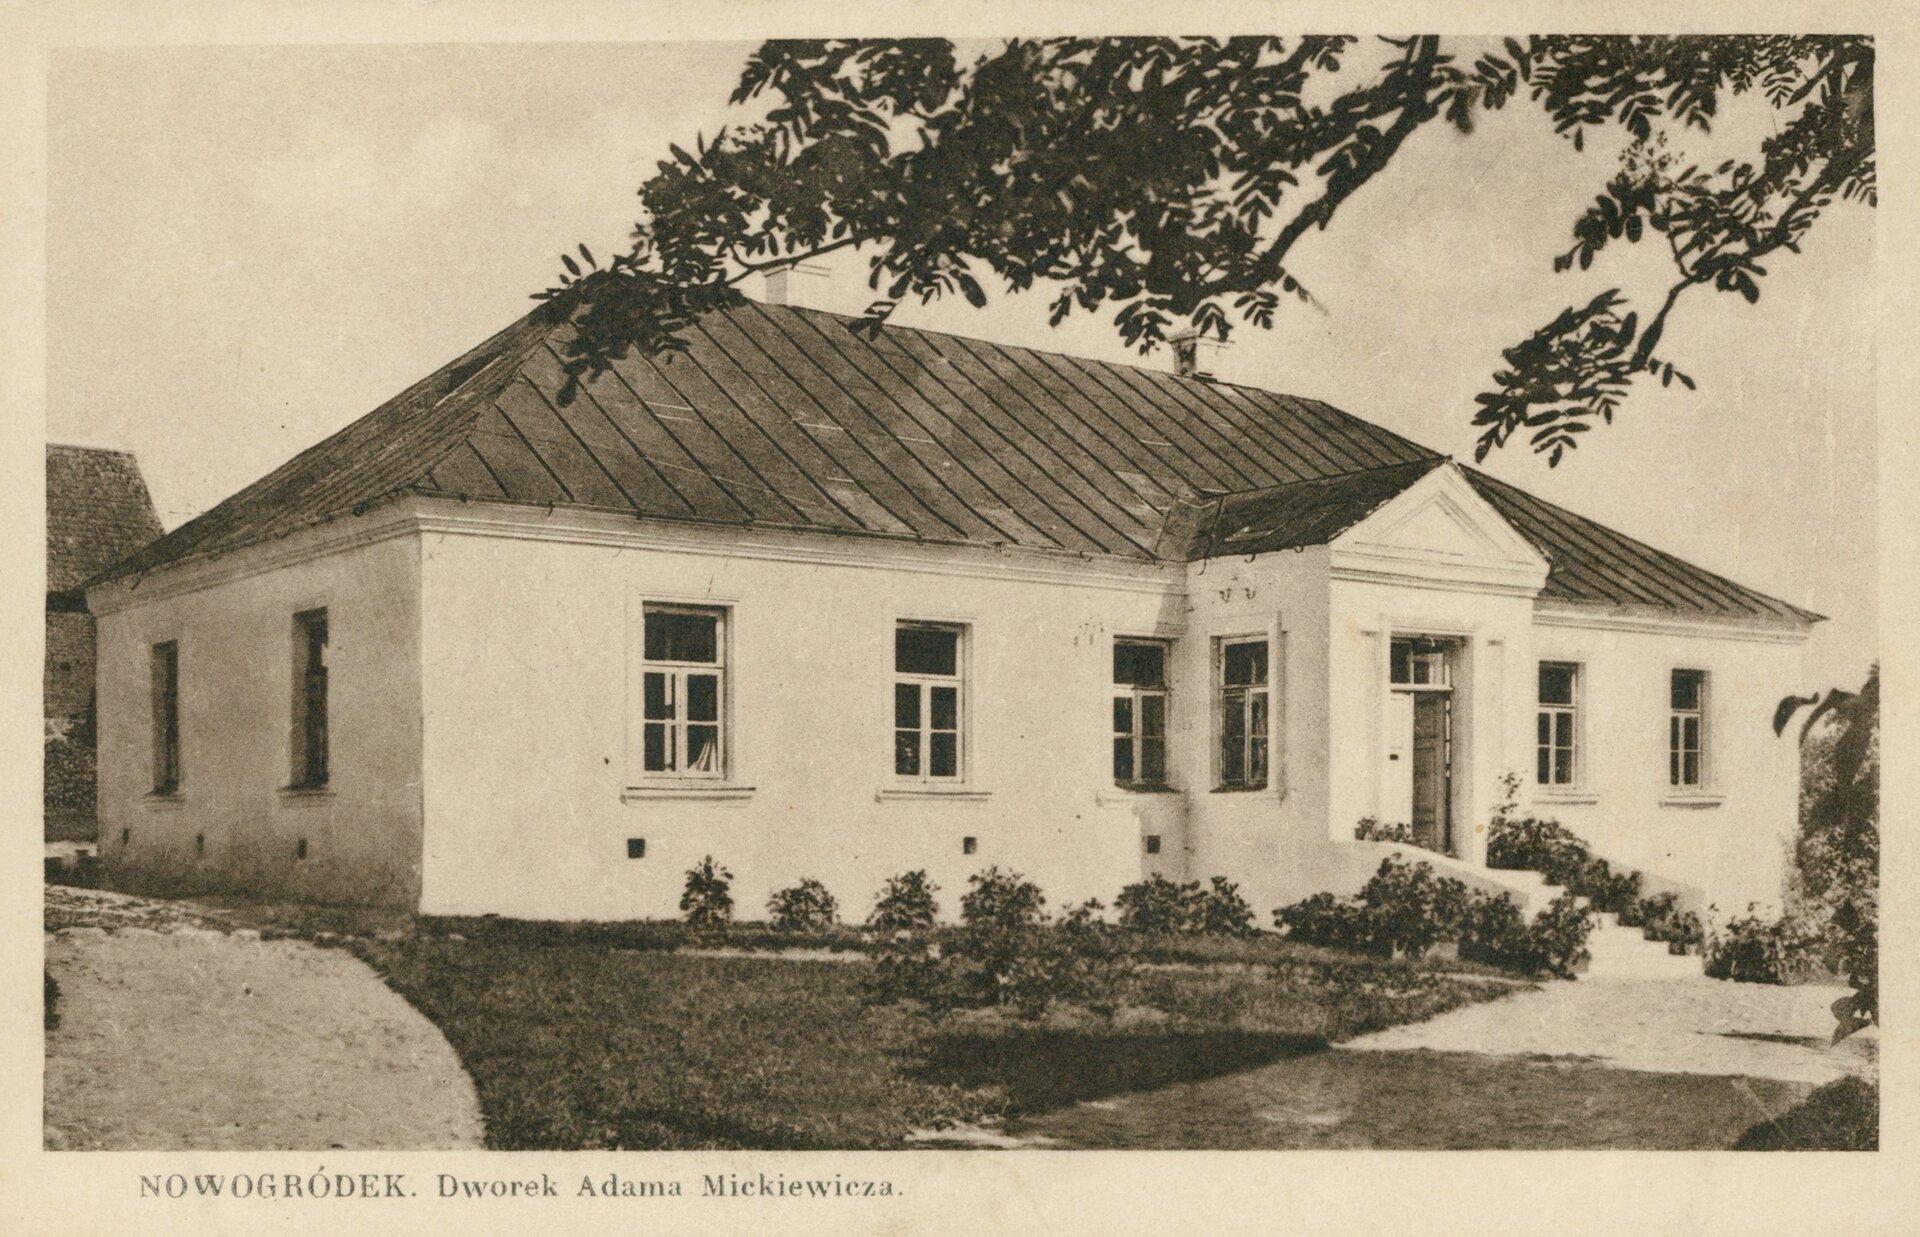 Nowogródek. Dworek Adama Mickiewicza Nowogródek. Dworek Adama Mickiewicza Źródło: 1927–1936, pocztówka, domena publiczna.